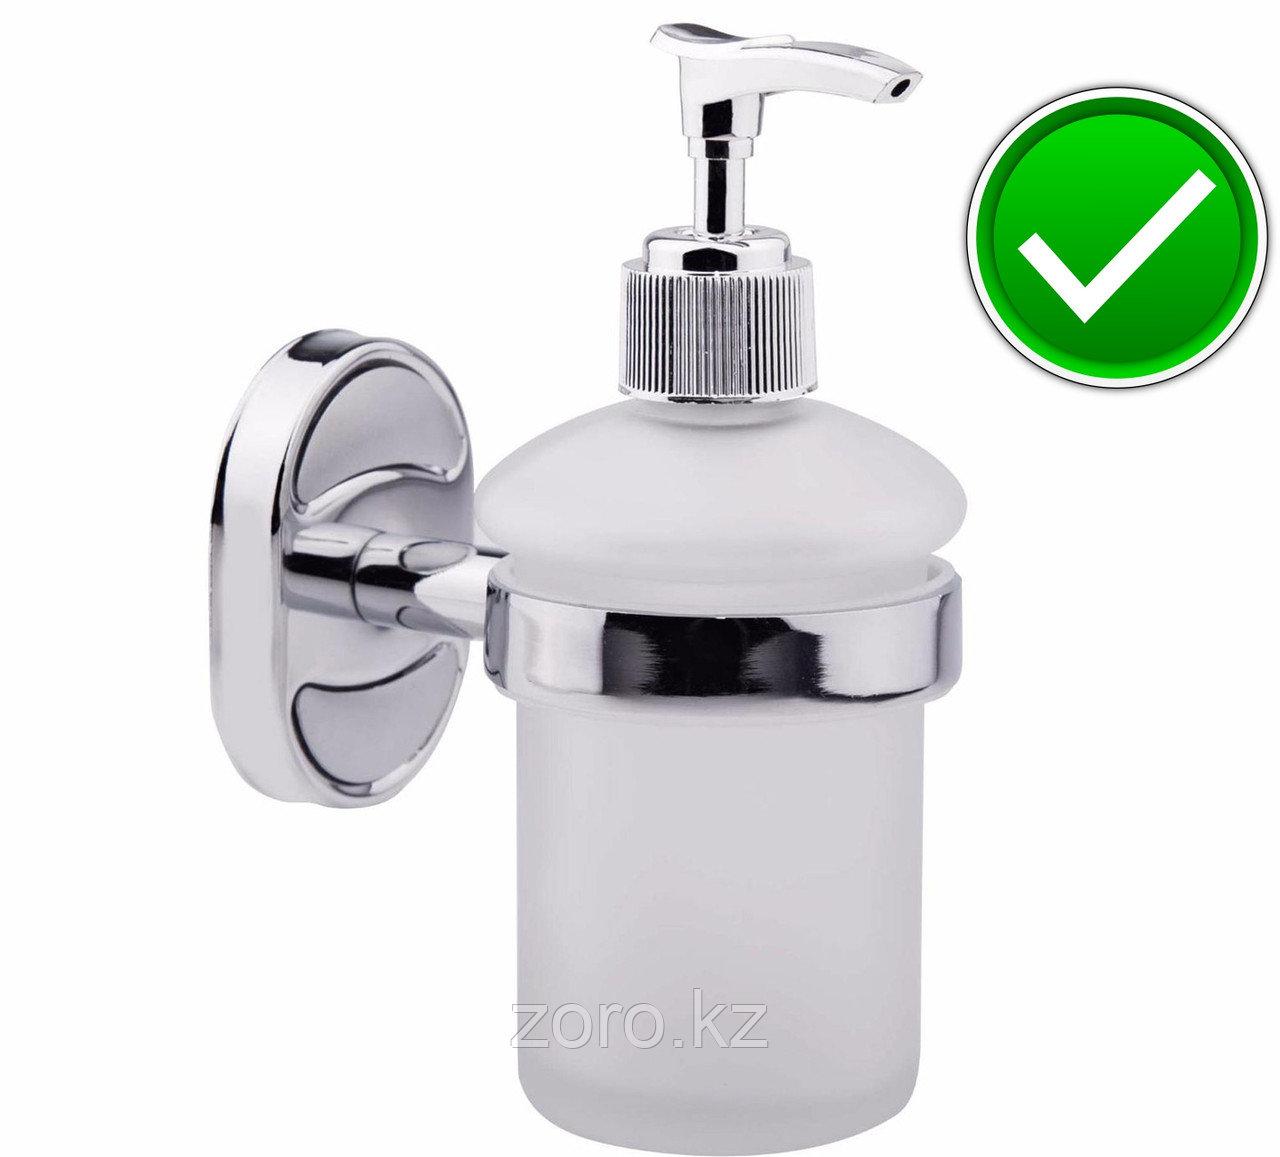 Настенный дозатор для жидкого мыла (матовый)